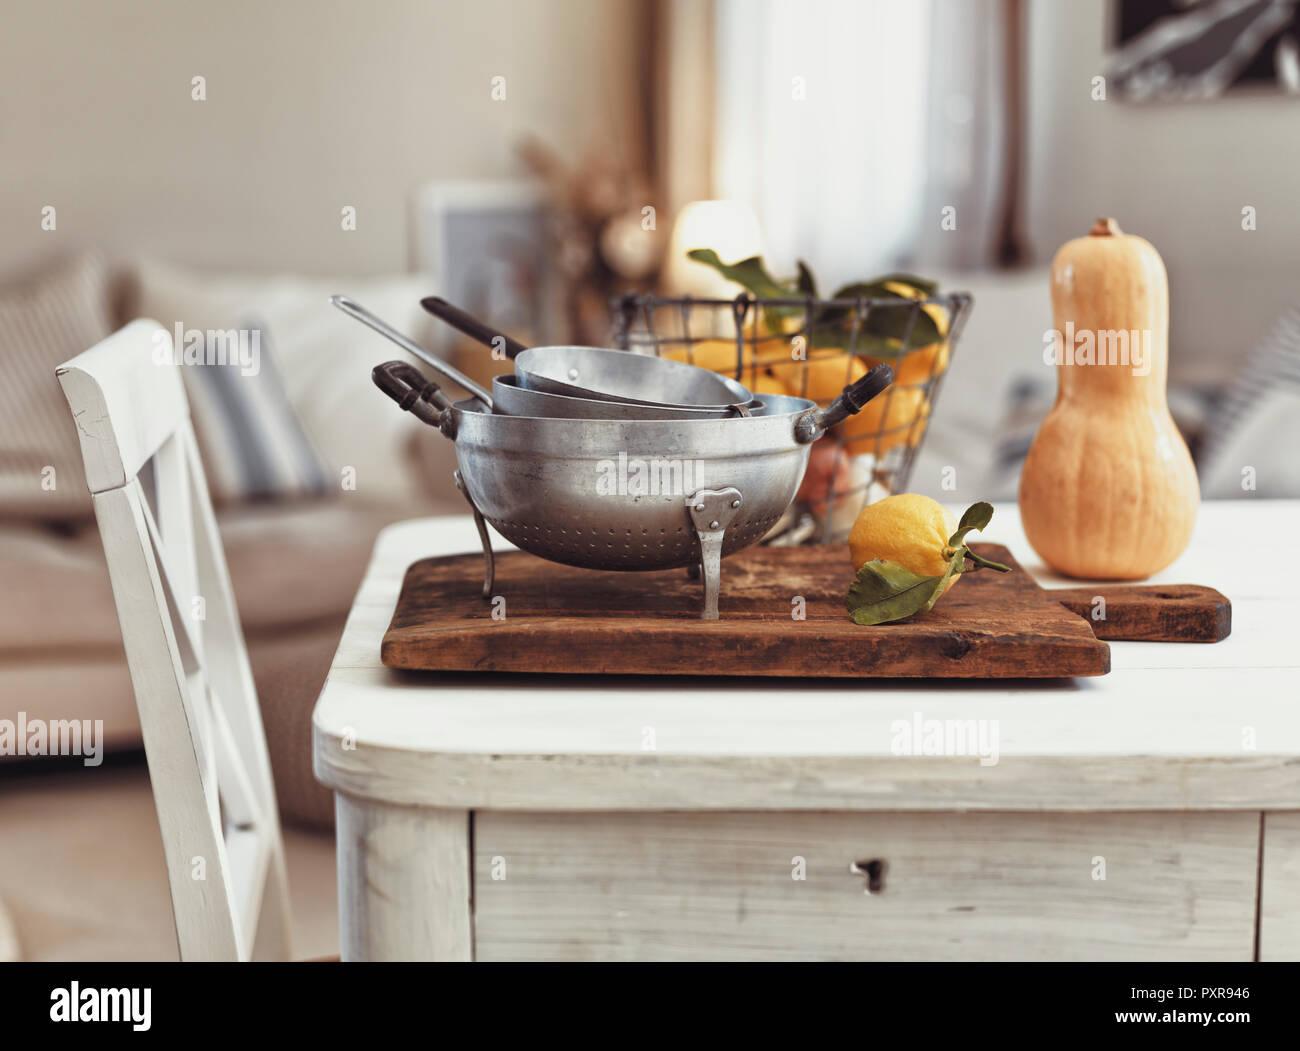 Utensilios de cocina nostálgico y frutas en mesa de madera antigua Imagen De Stock